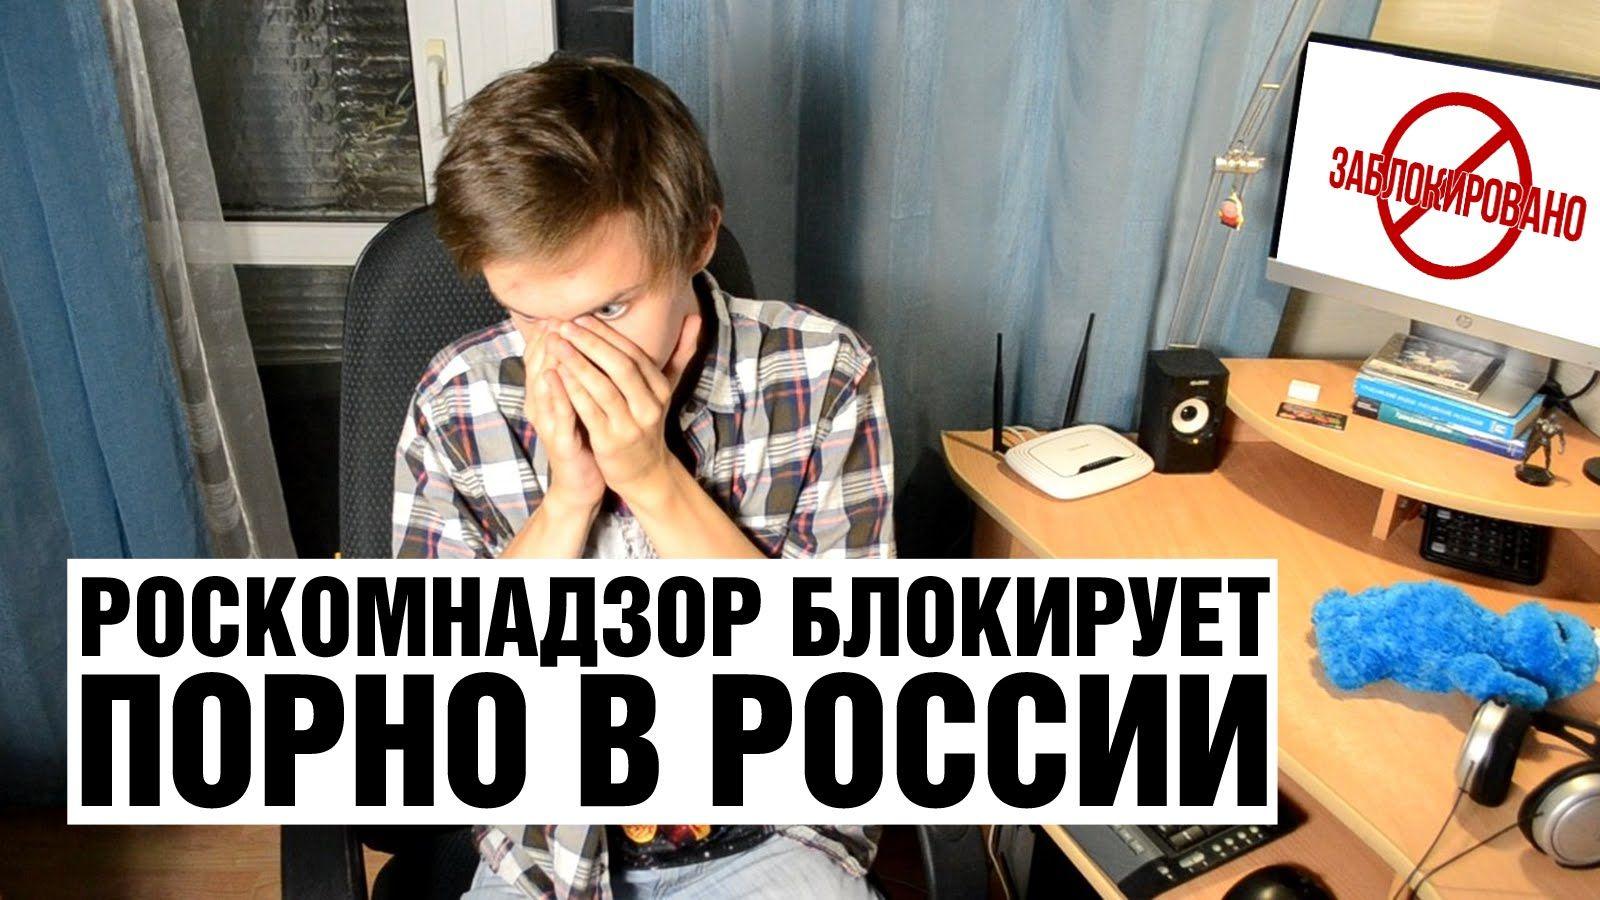 Hd nopho россии